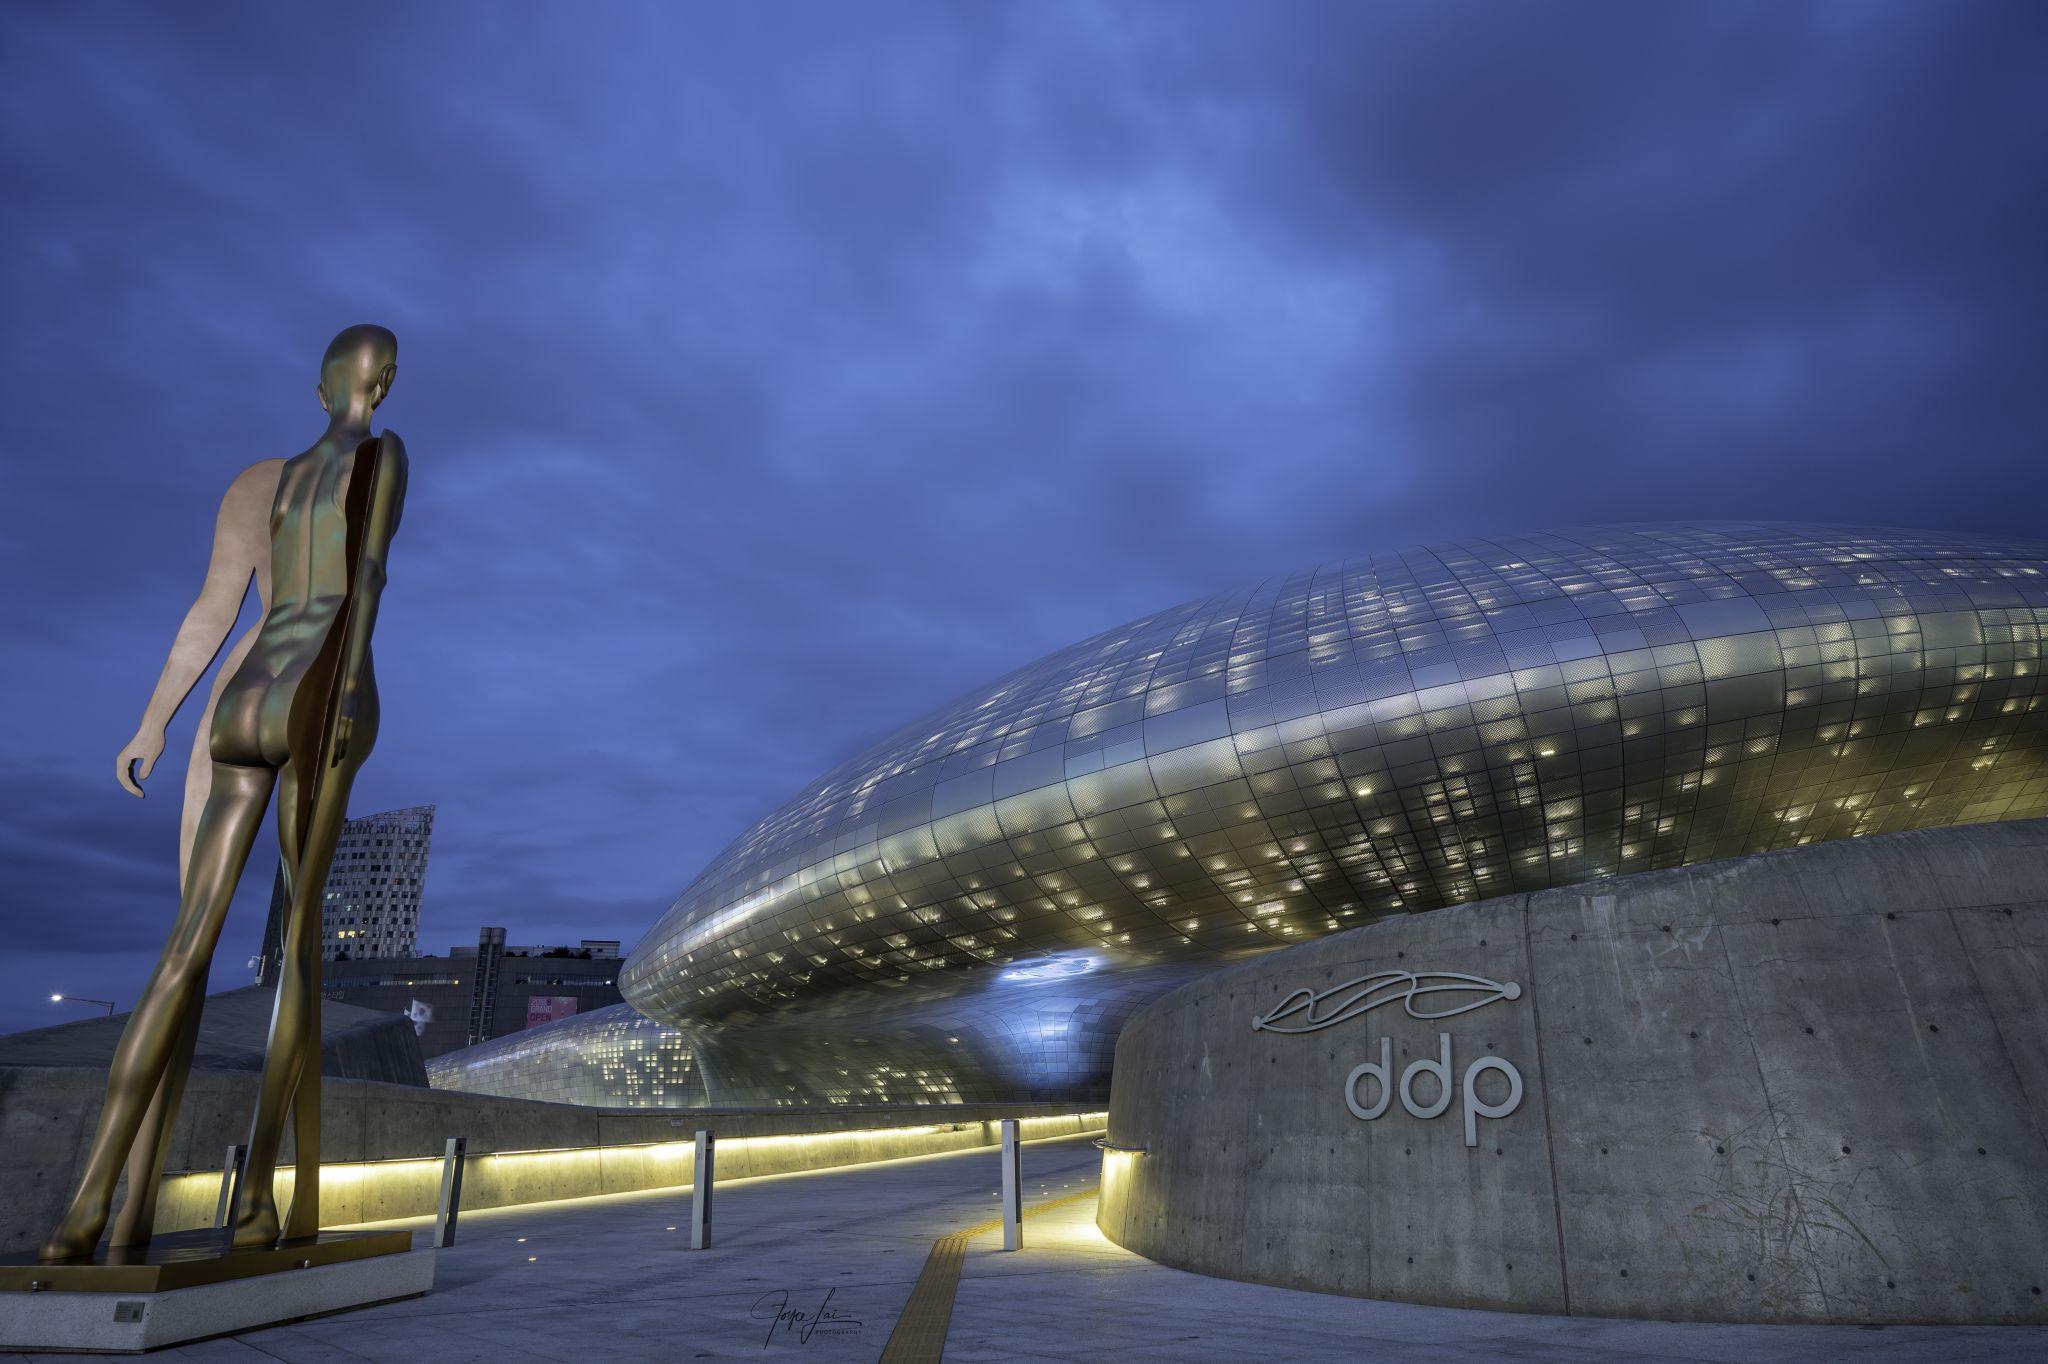 DDP Dongdaemum, Korea